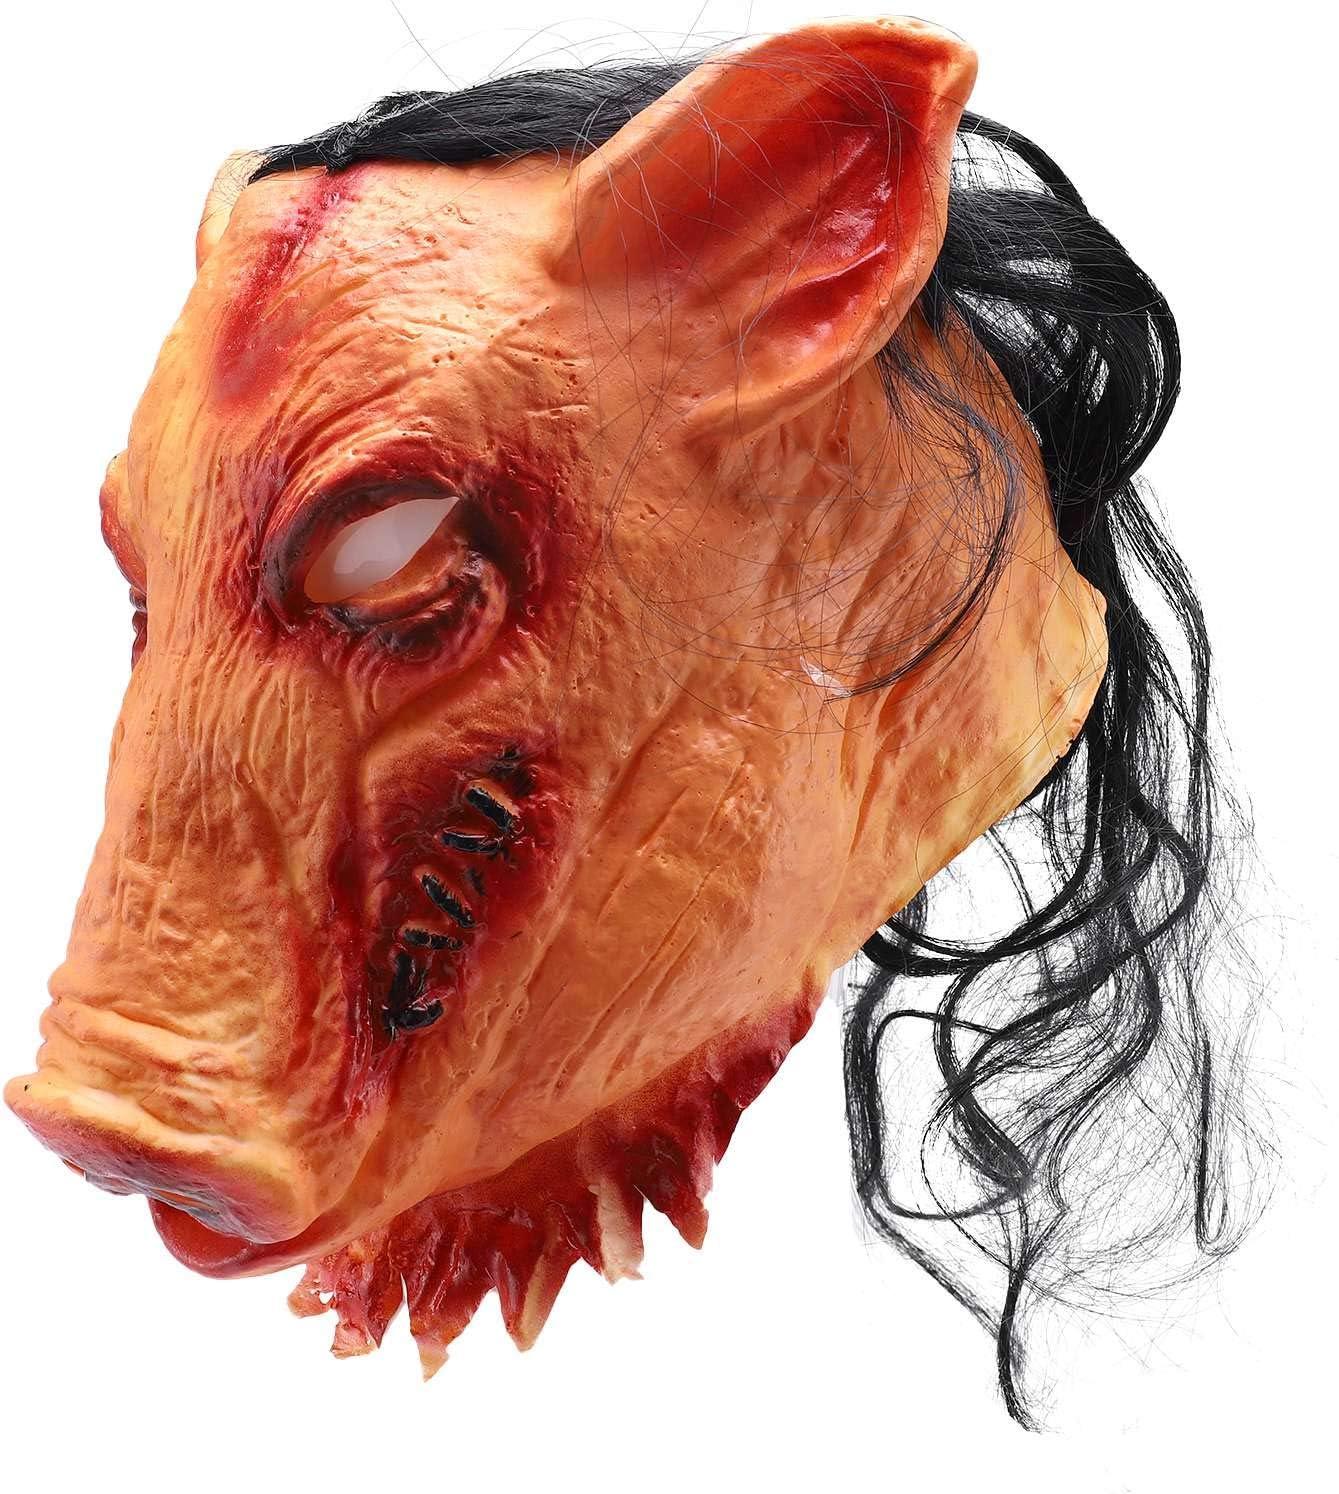 TOOGOO MáScaras de Miedo de Halloween Novedad Cabeza de Cerdo Horror con del Cabello Caveira Disfraz de Cosplay Suministros Realistas del Festival de LáTex